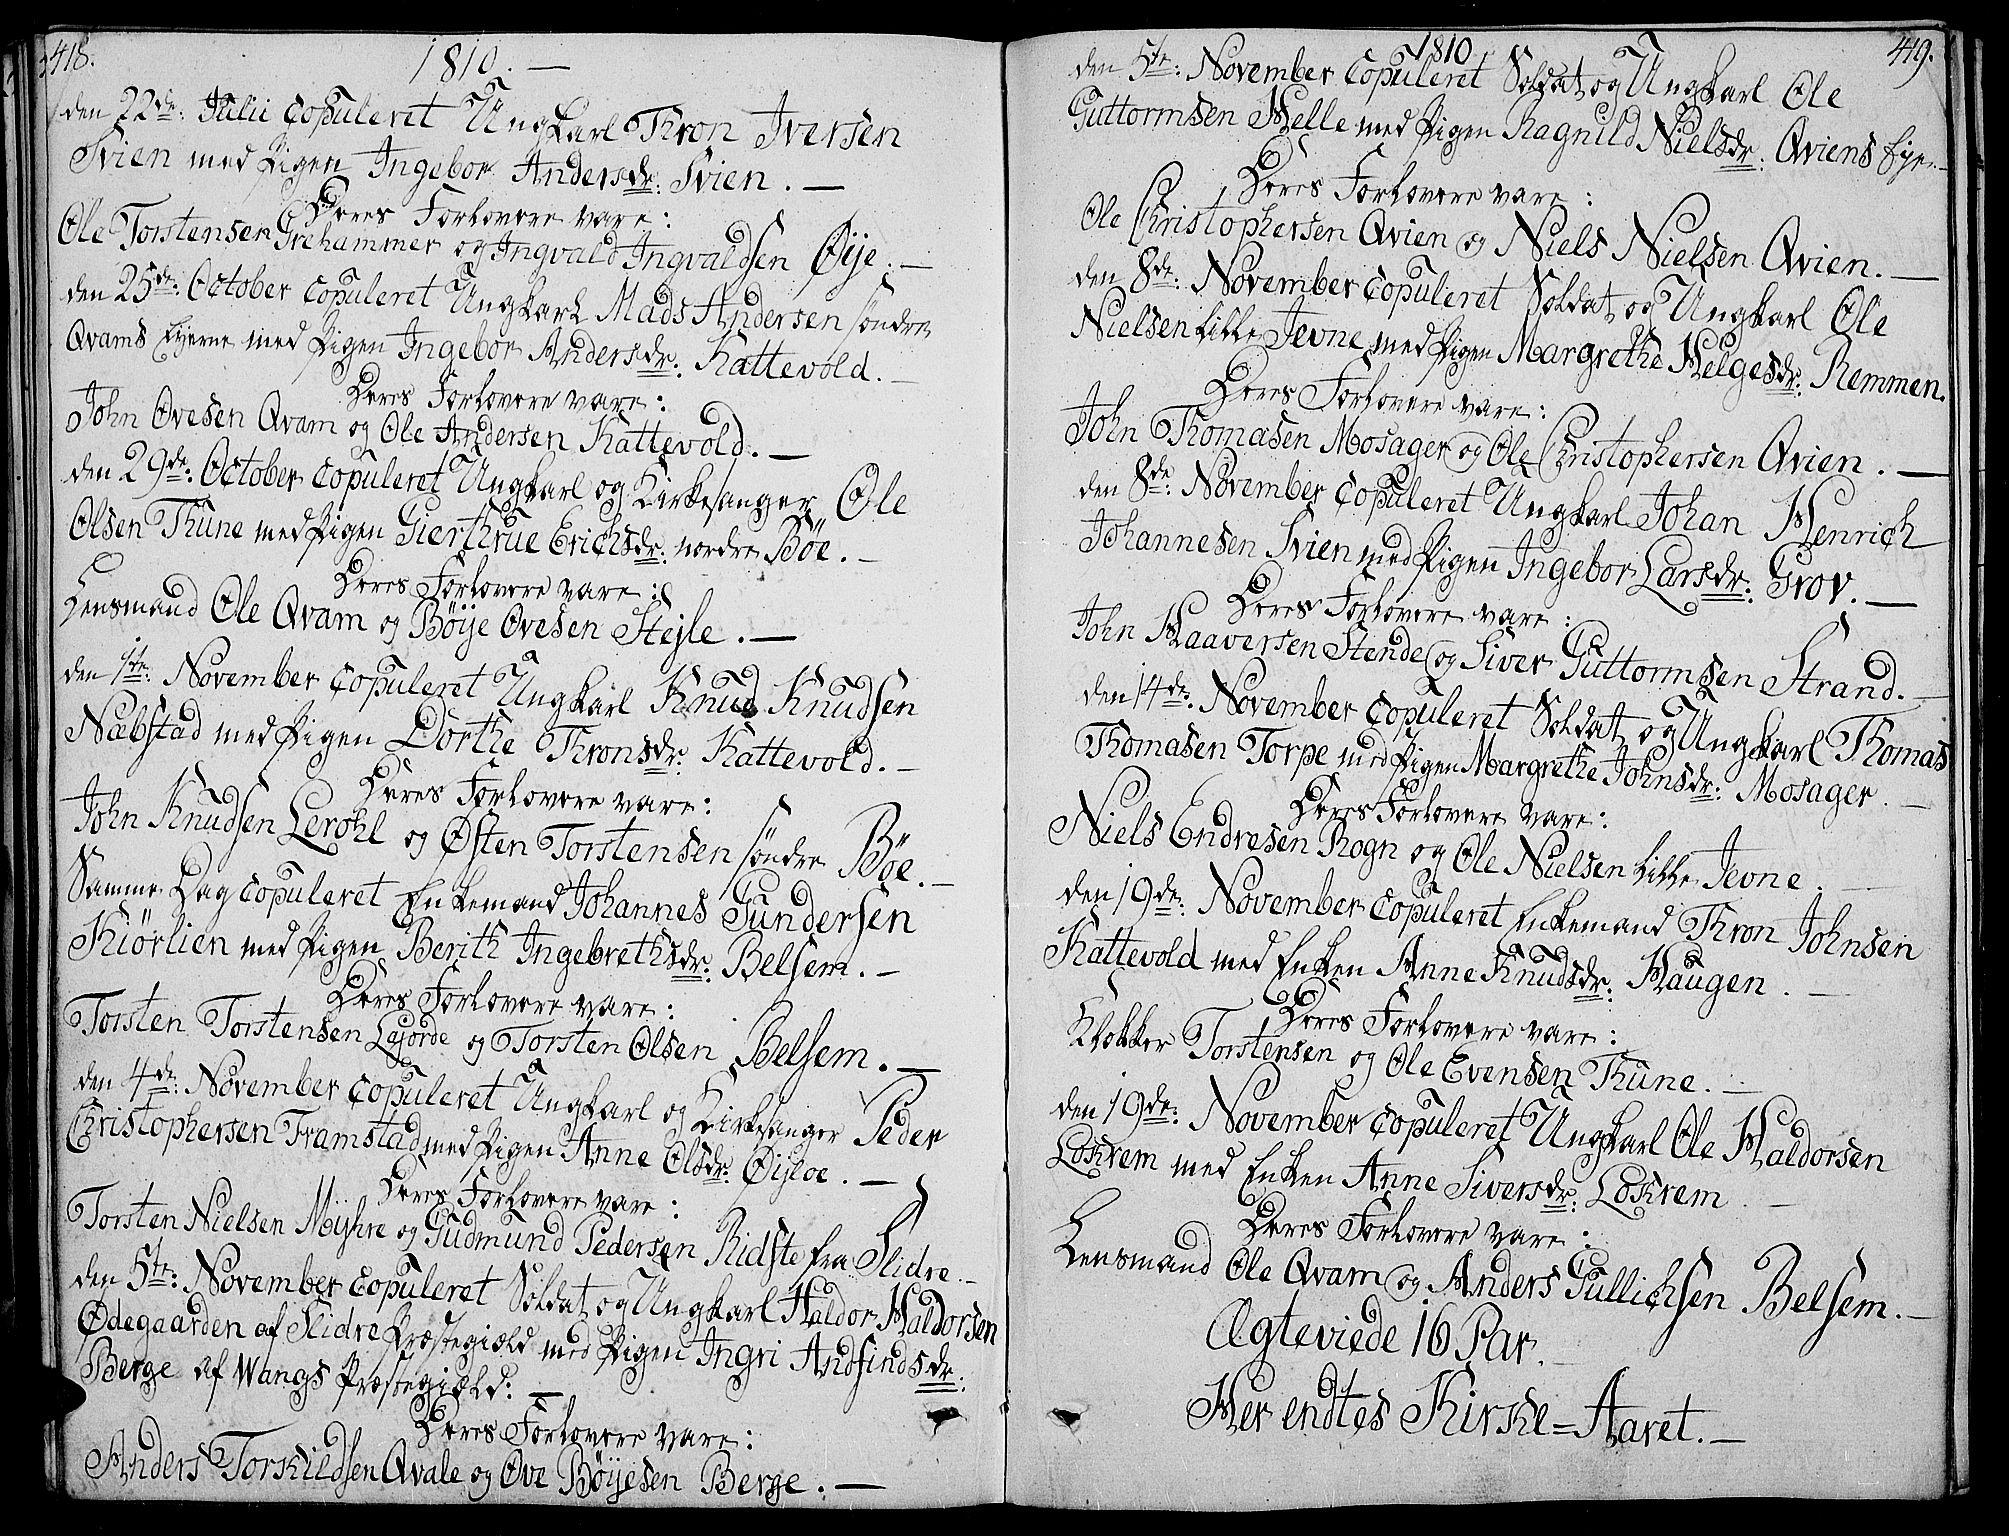 SAH, Vang prestekontor, Valdres, Ministerialbok nr. 3, 1809-1831, s. 418-419